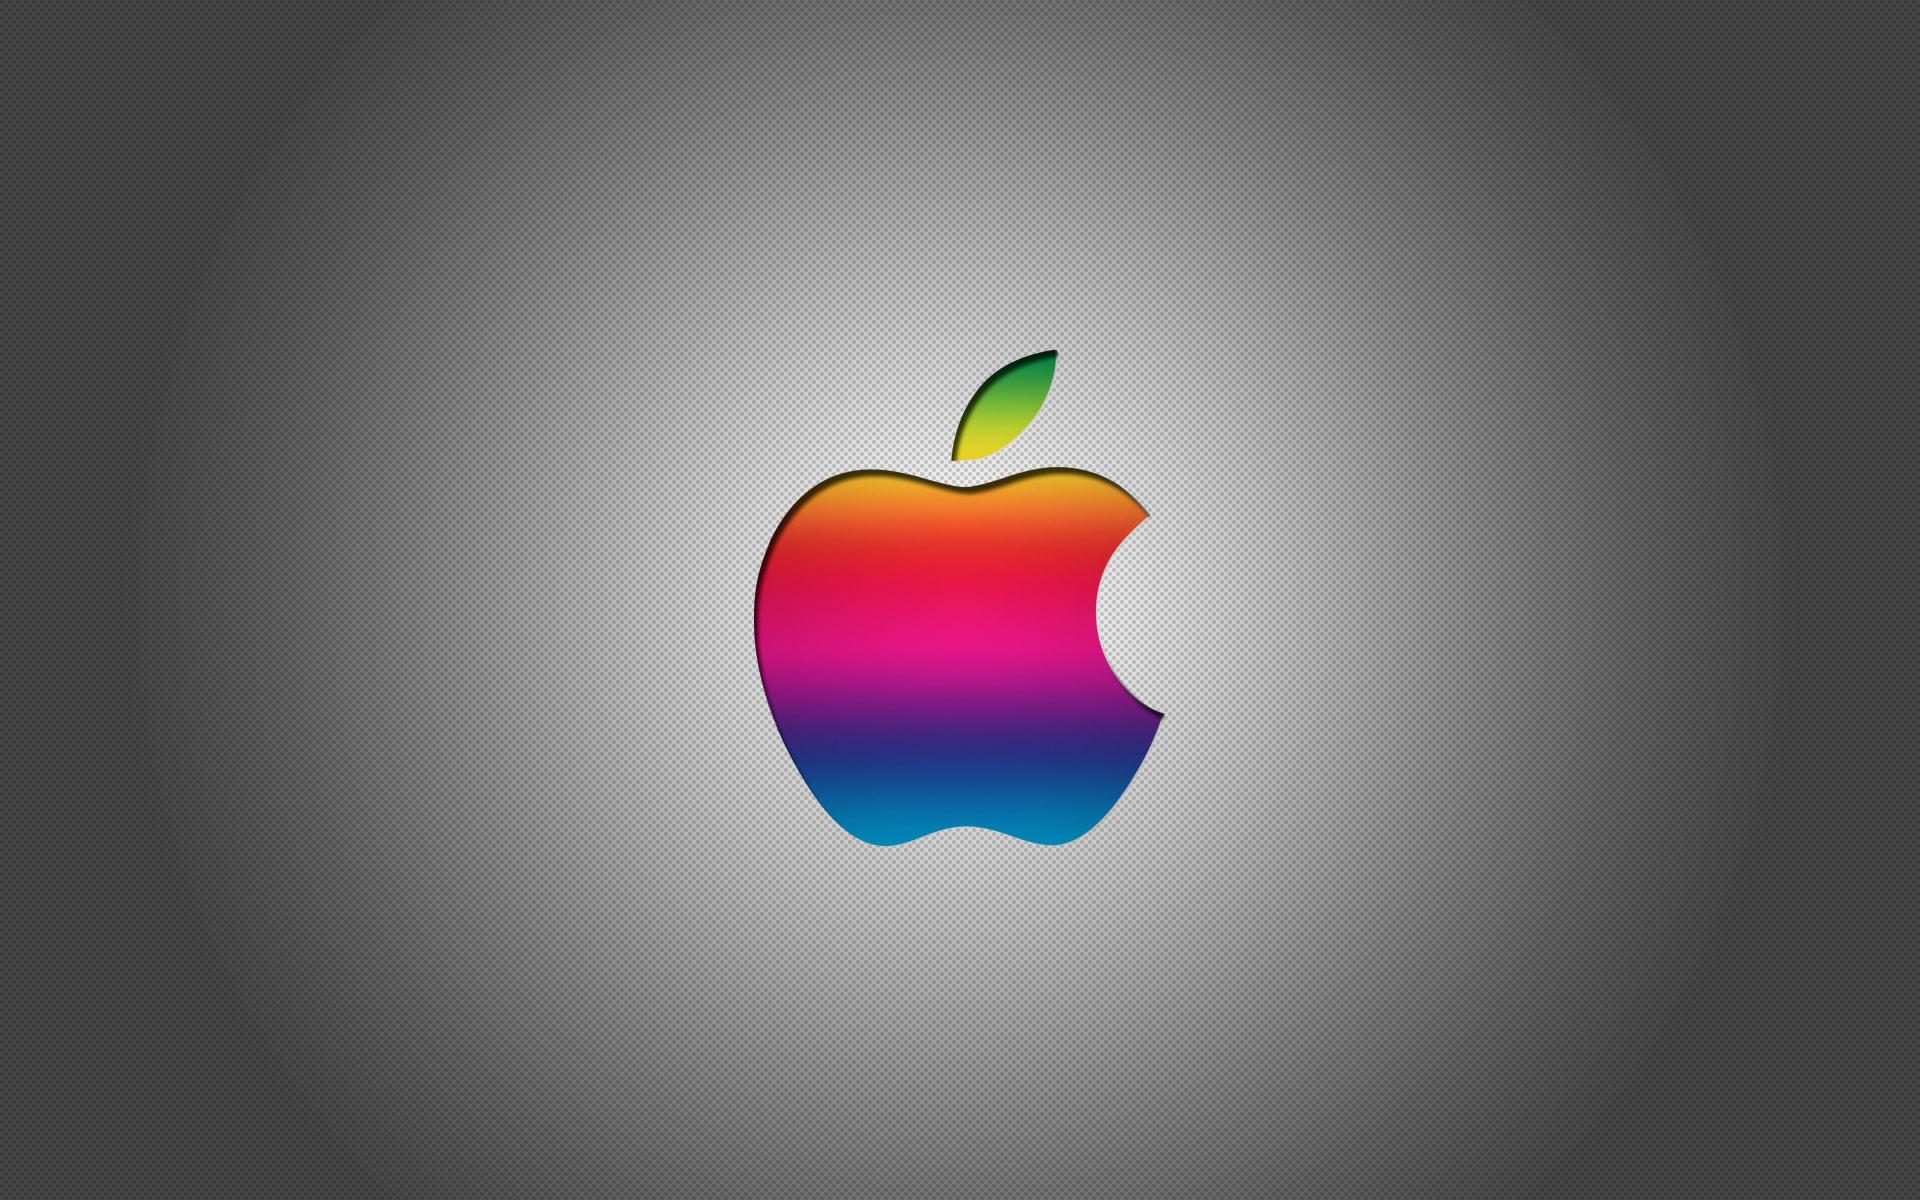 Apple Wallpaper High Resolution 1920x1200